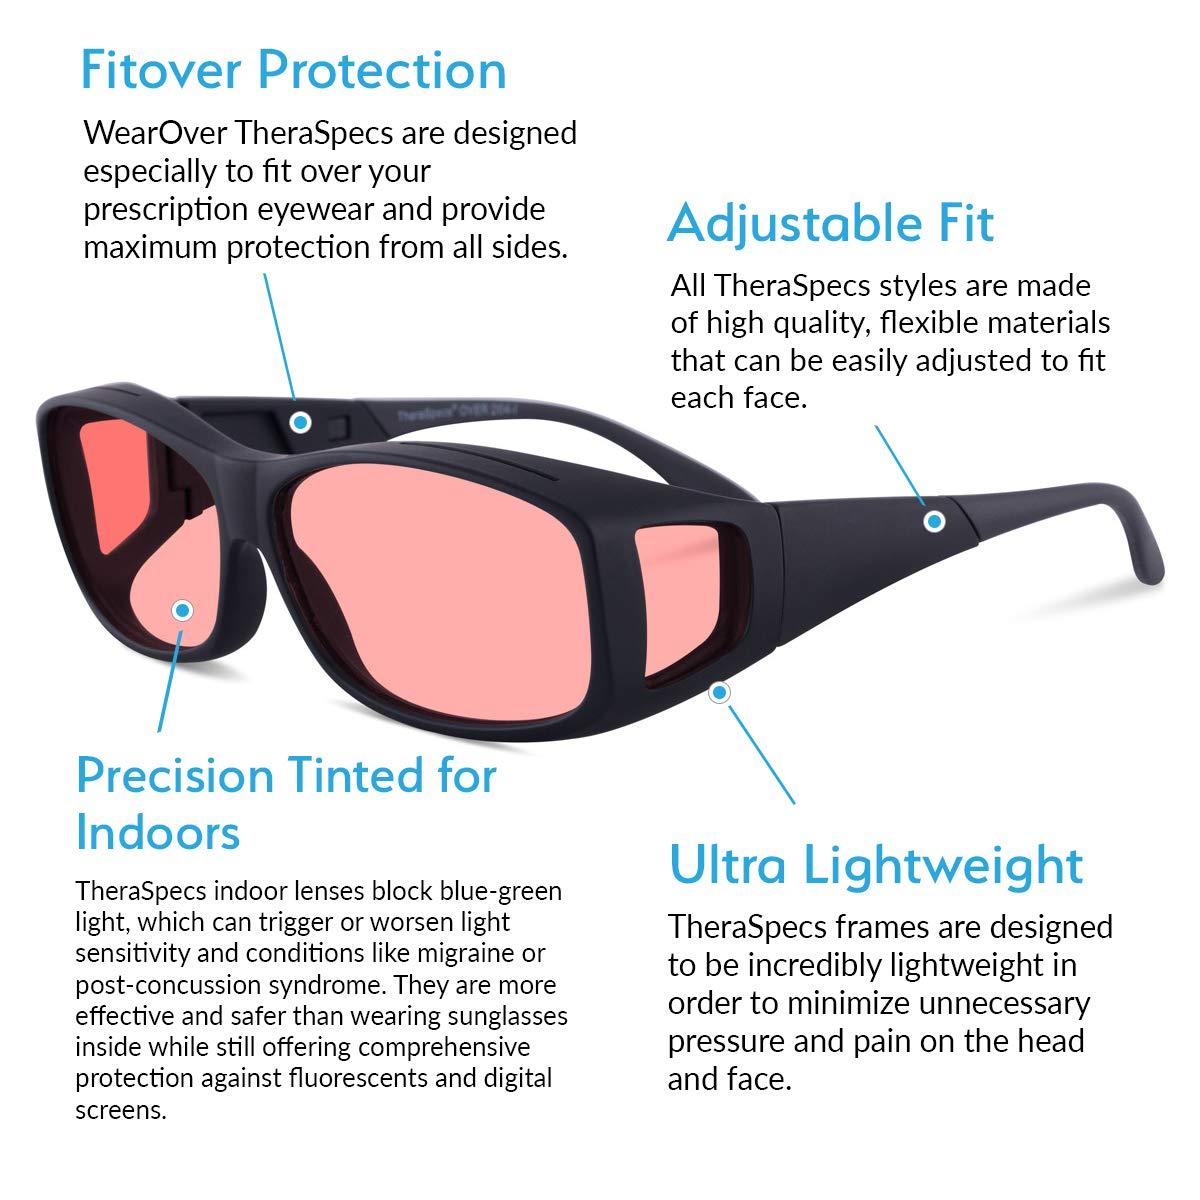 a31c3b59b5b63 Amazon.com  TheraSpecs WearOver Migraine Glasses for Light Sensitivity